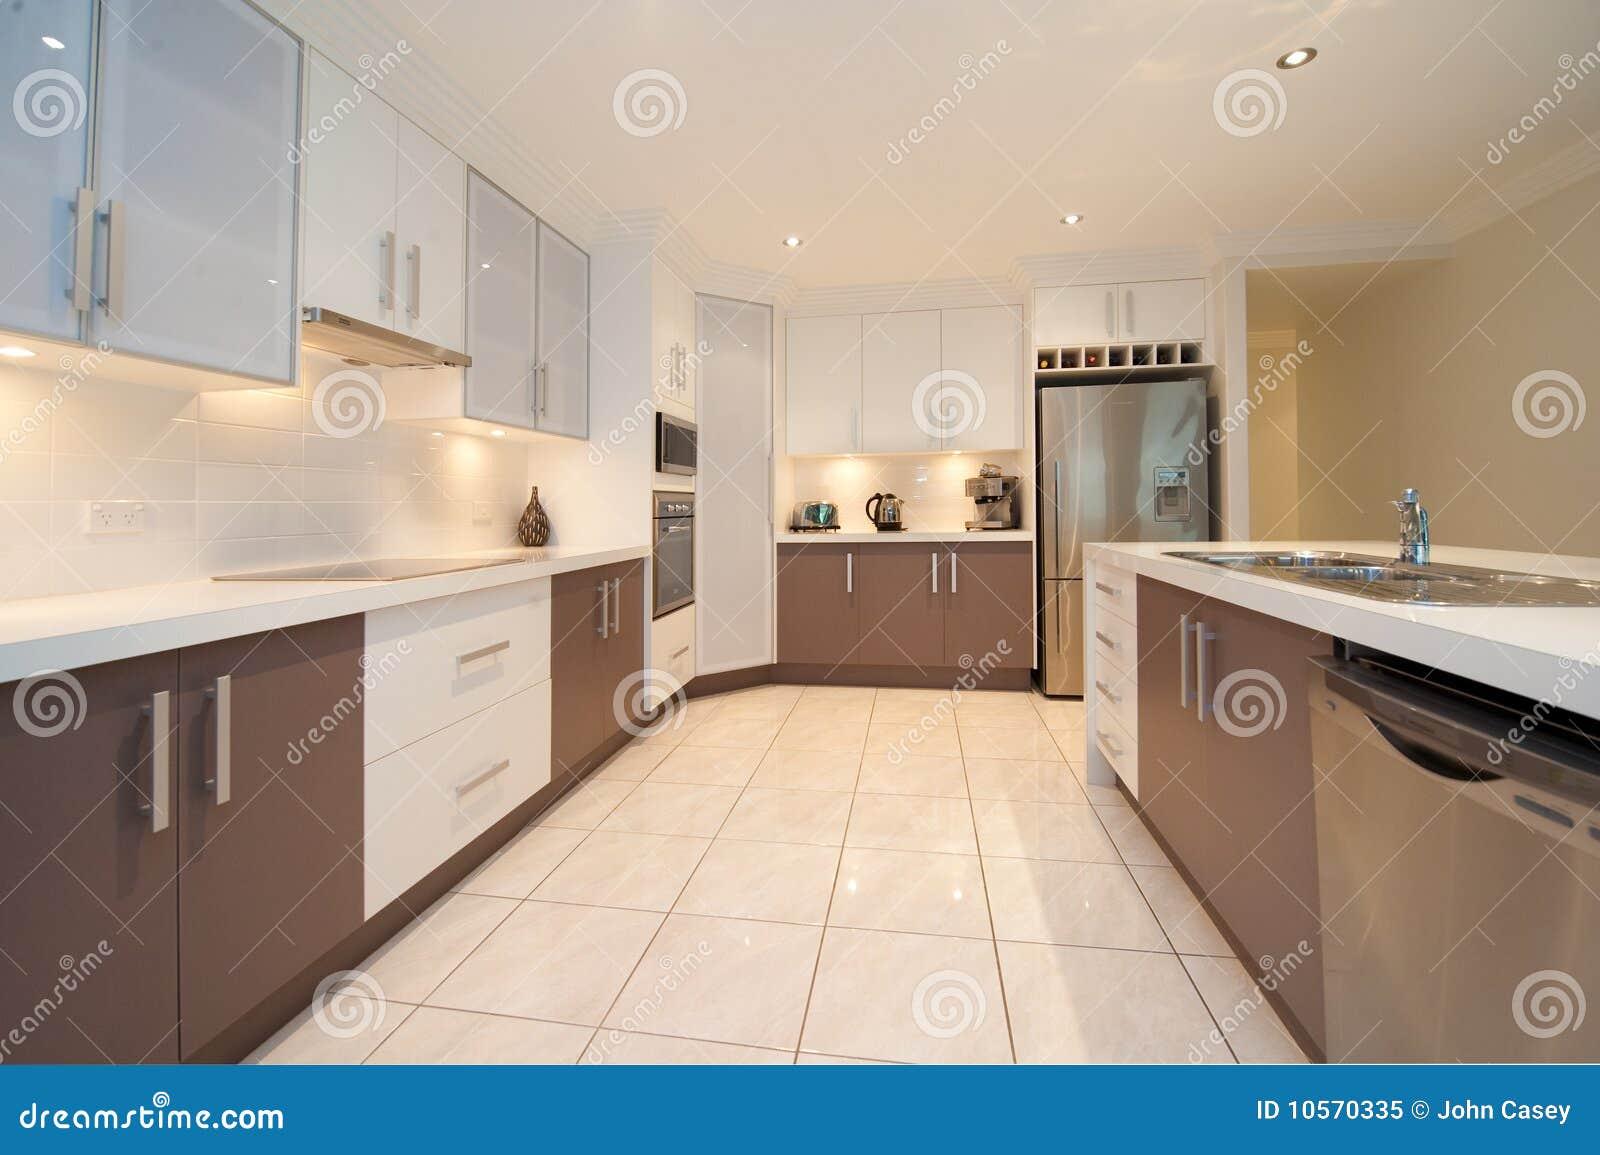 Küche Mit Weißen Bänke, Braunen Schränken Und Edelstahl Applianes